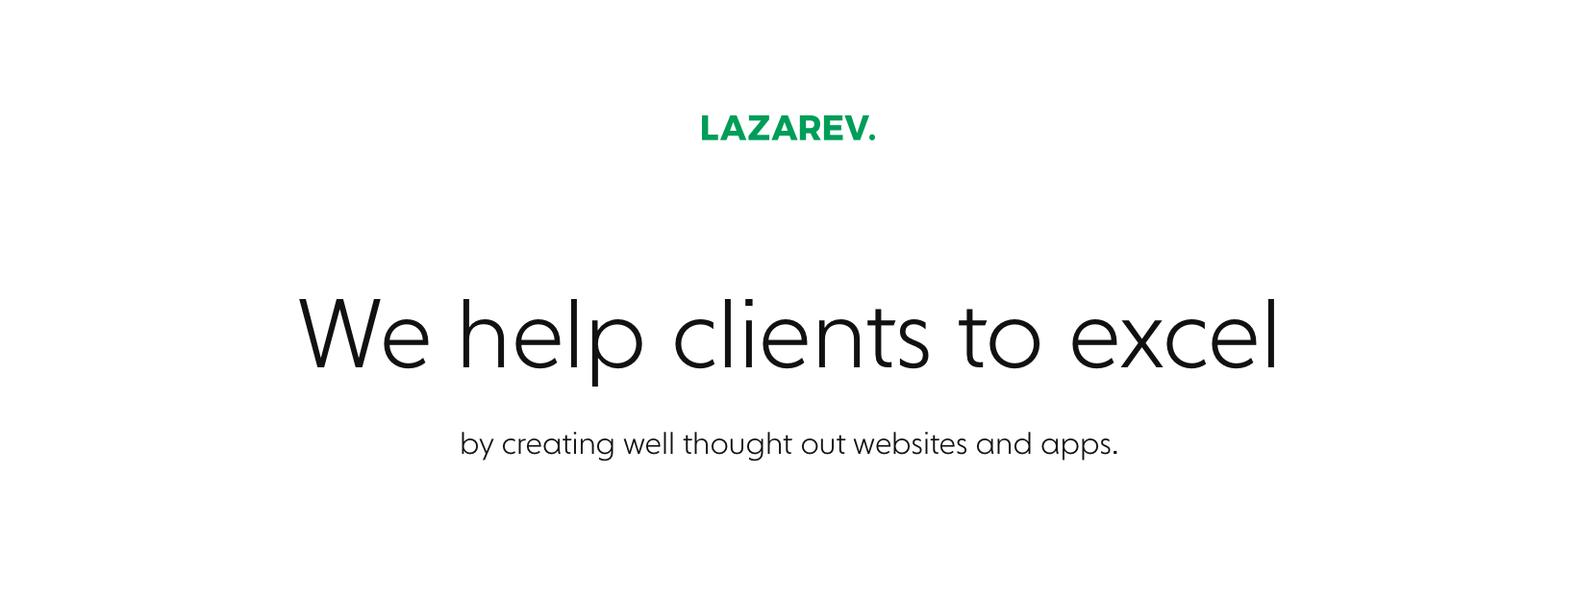 Lazarev.Agency